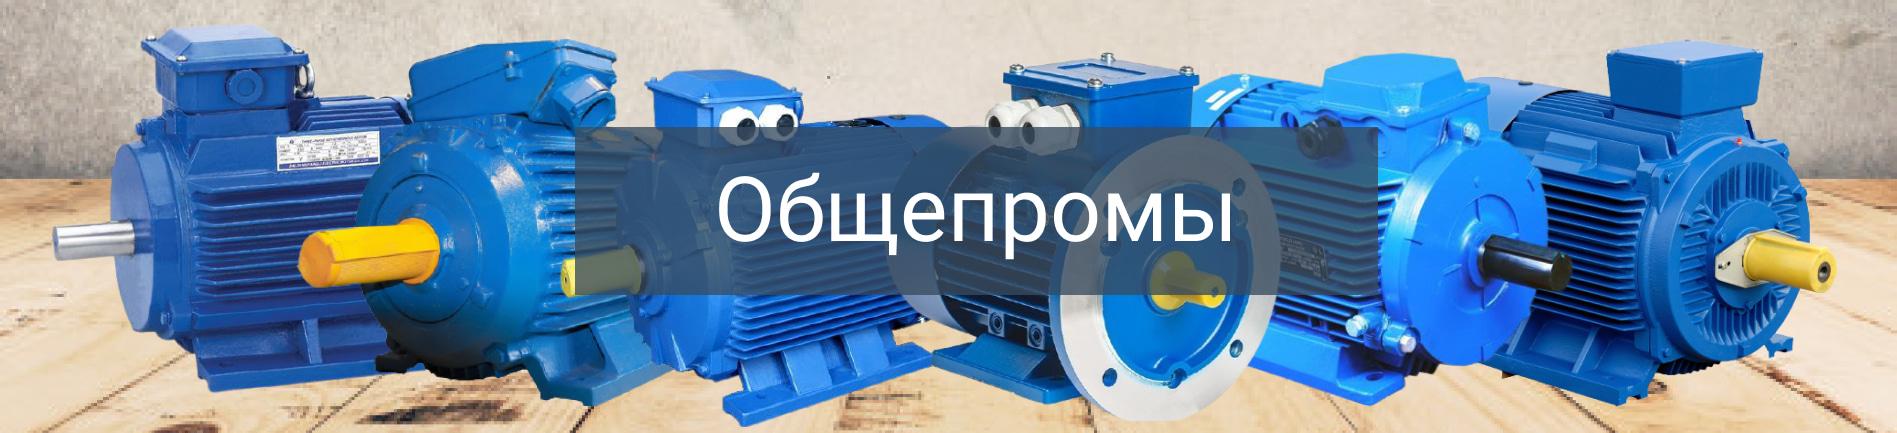 Общепромышленные электродвигатели 132 квт